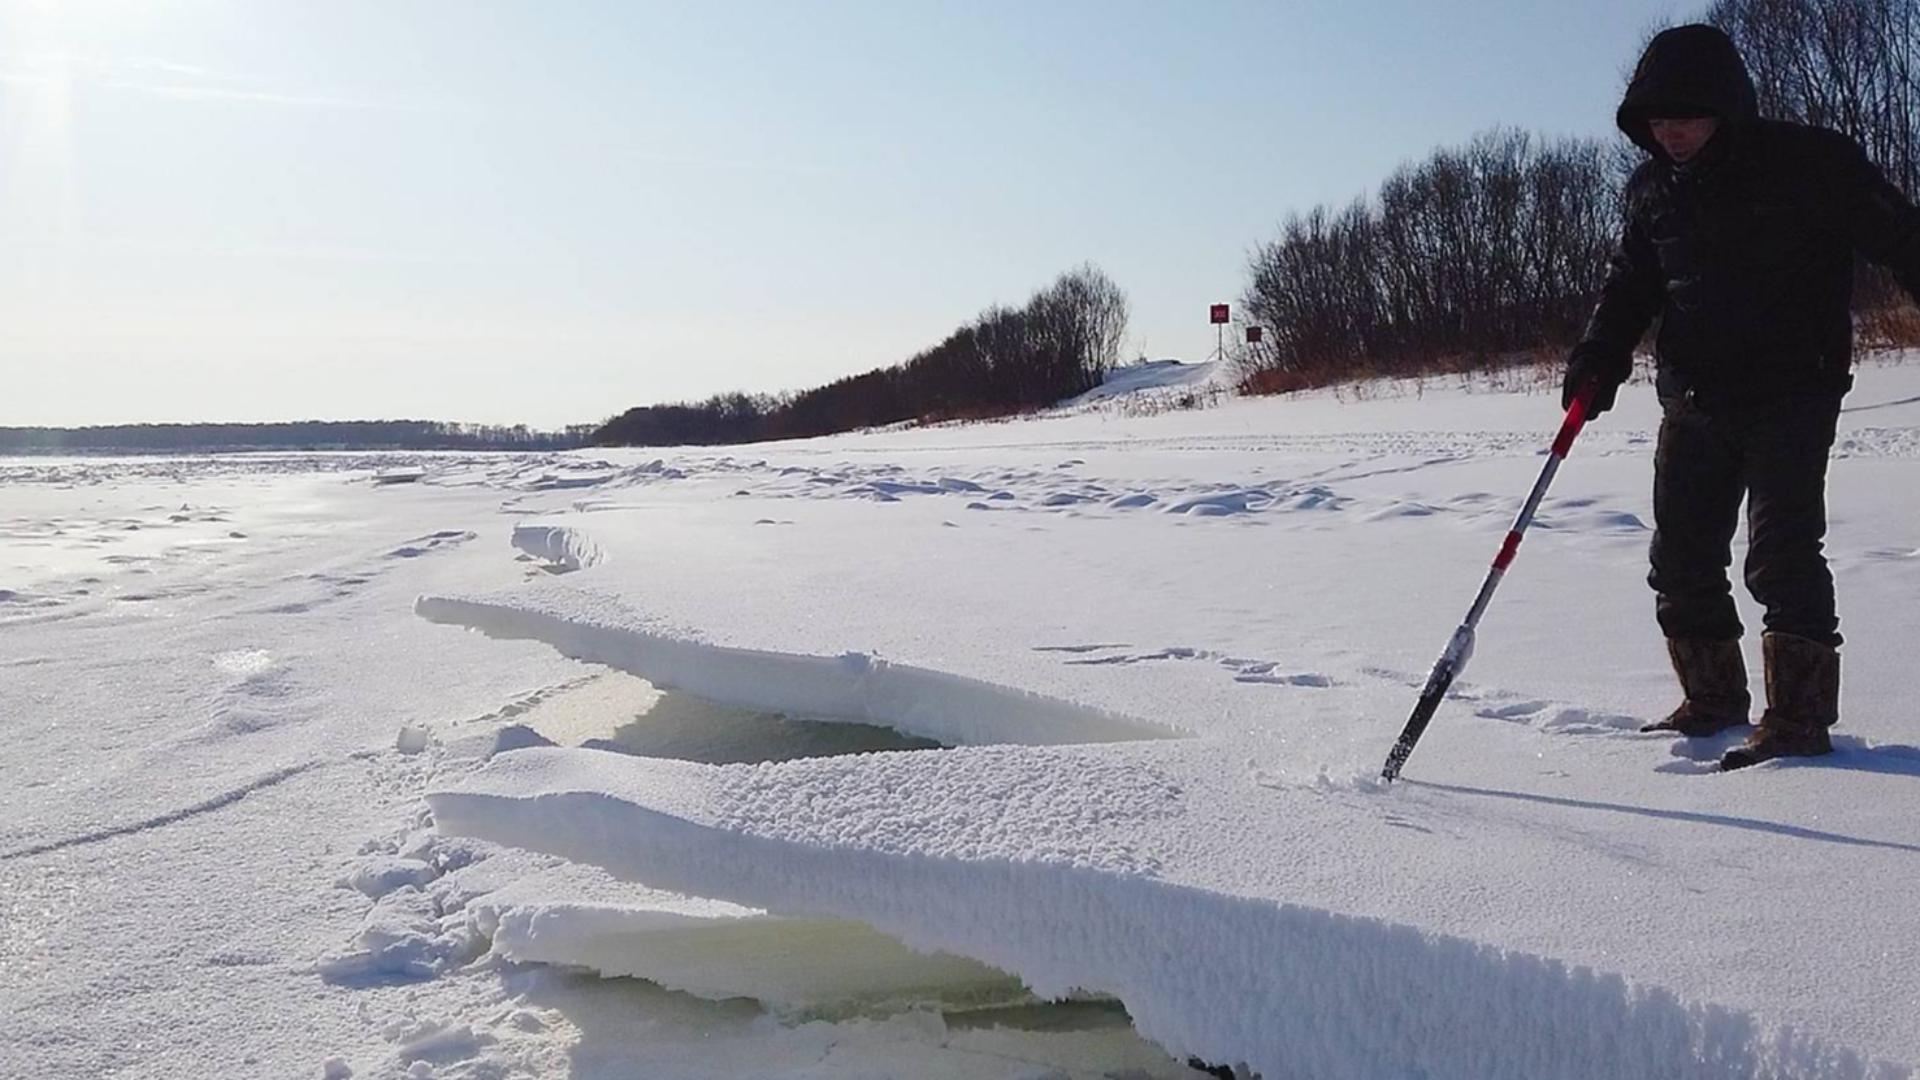 黑龙江落水形成的断裂冰层,吉祥去收渔网,江边看到美丽奇妙风景